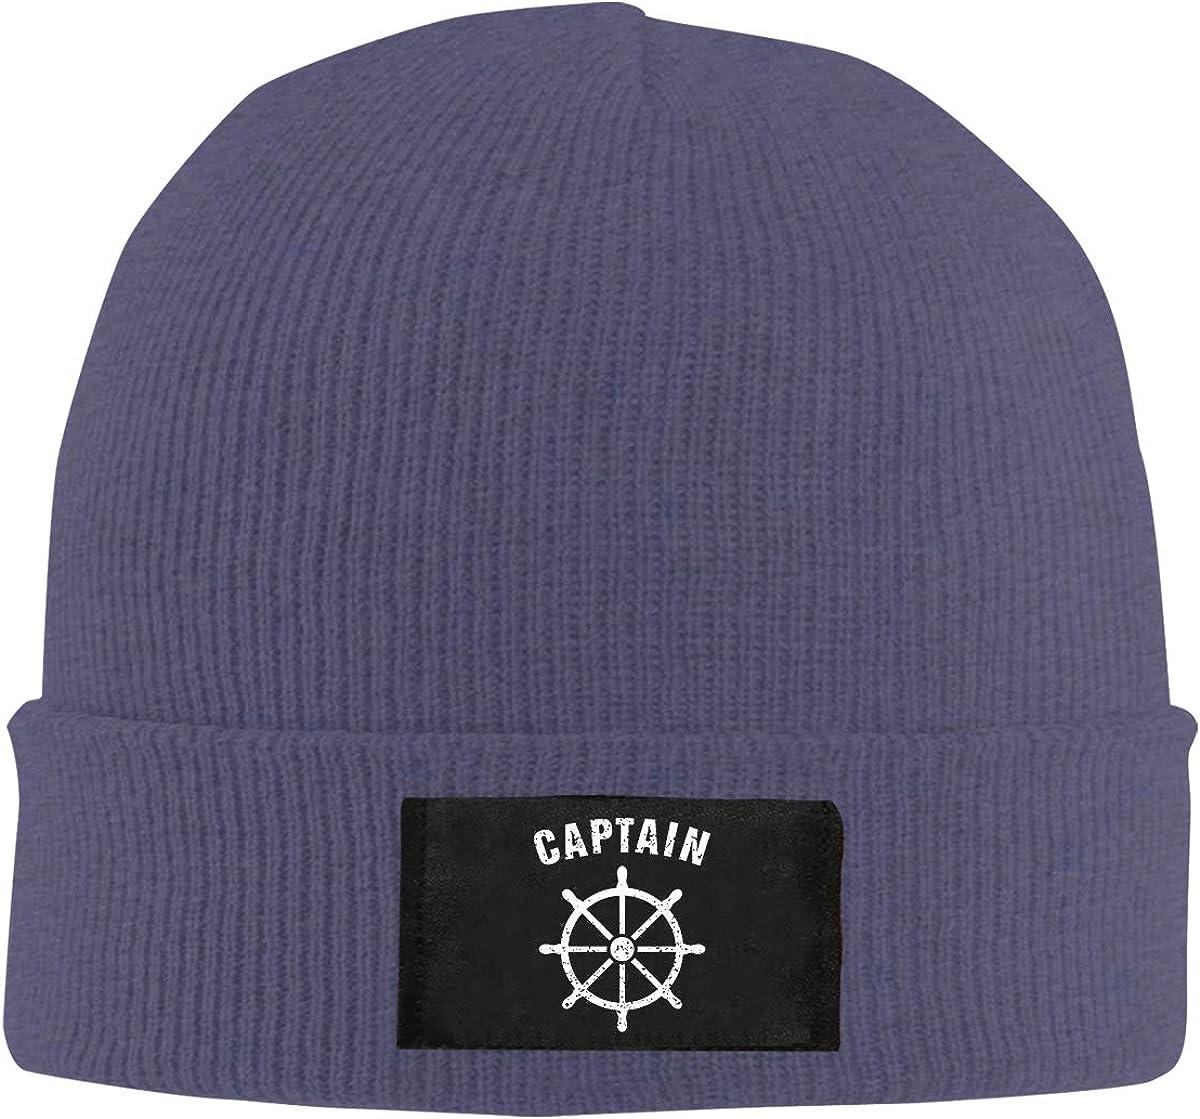 Captain Unisex Warm Winter Hat Knit Beanie Skull Cap Cuff Beanie Hat Winter Hats